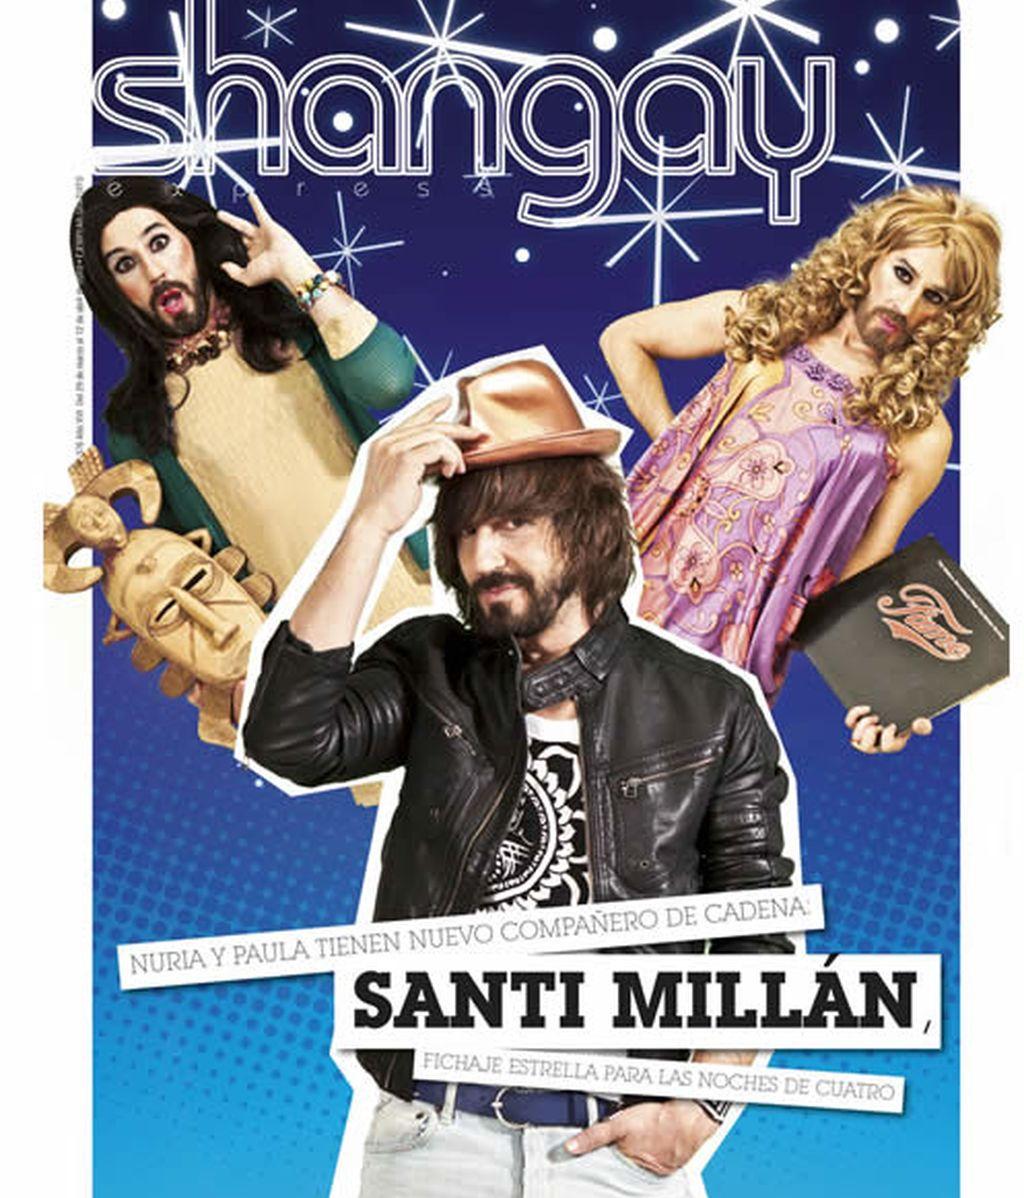 Santi Millán, en la portada de Shangay